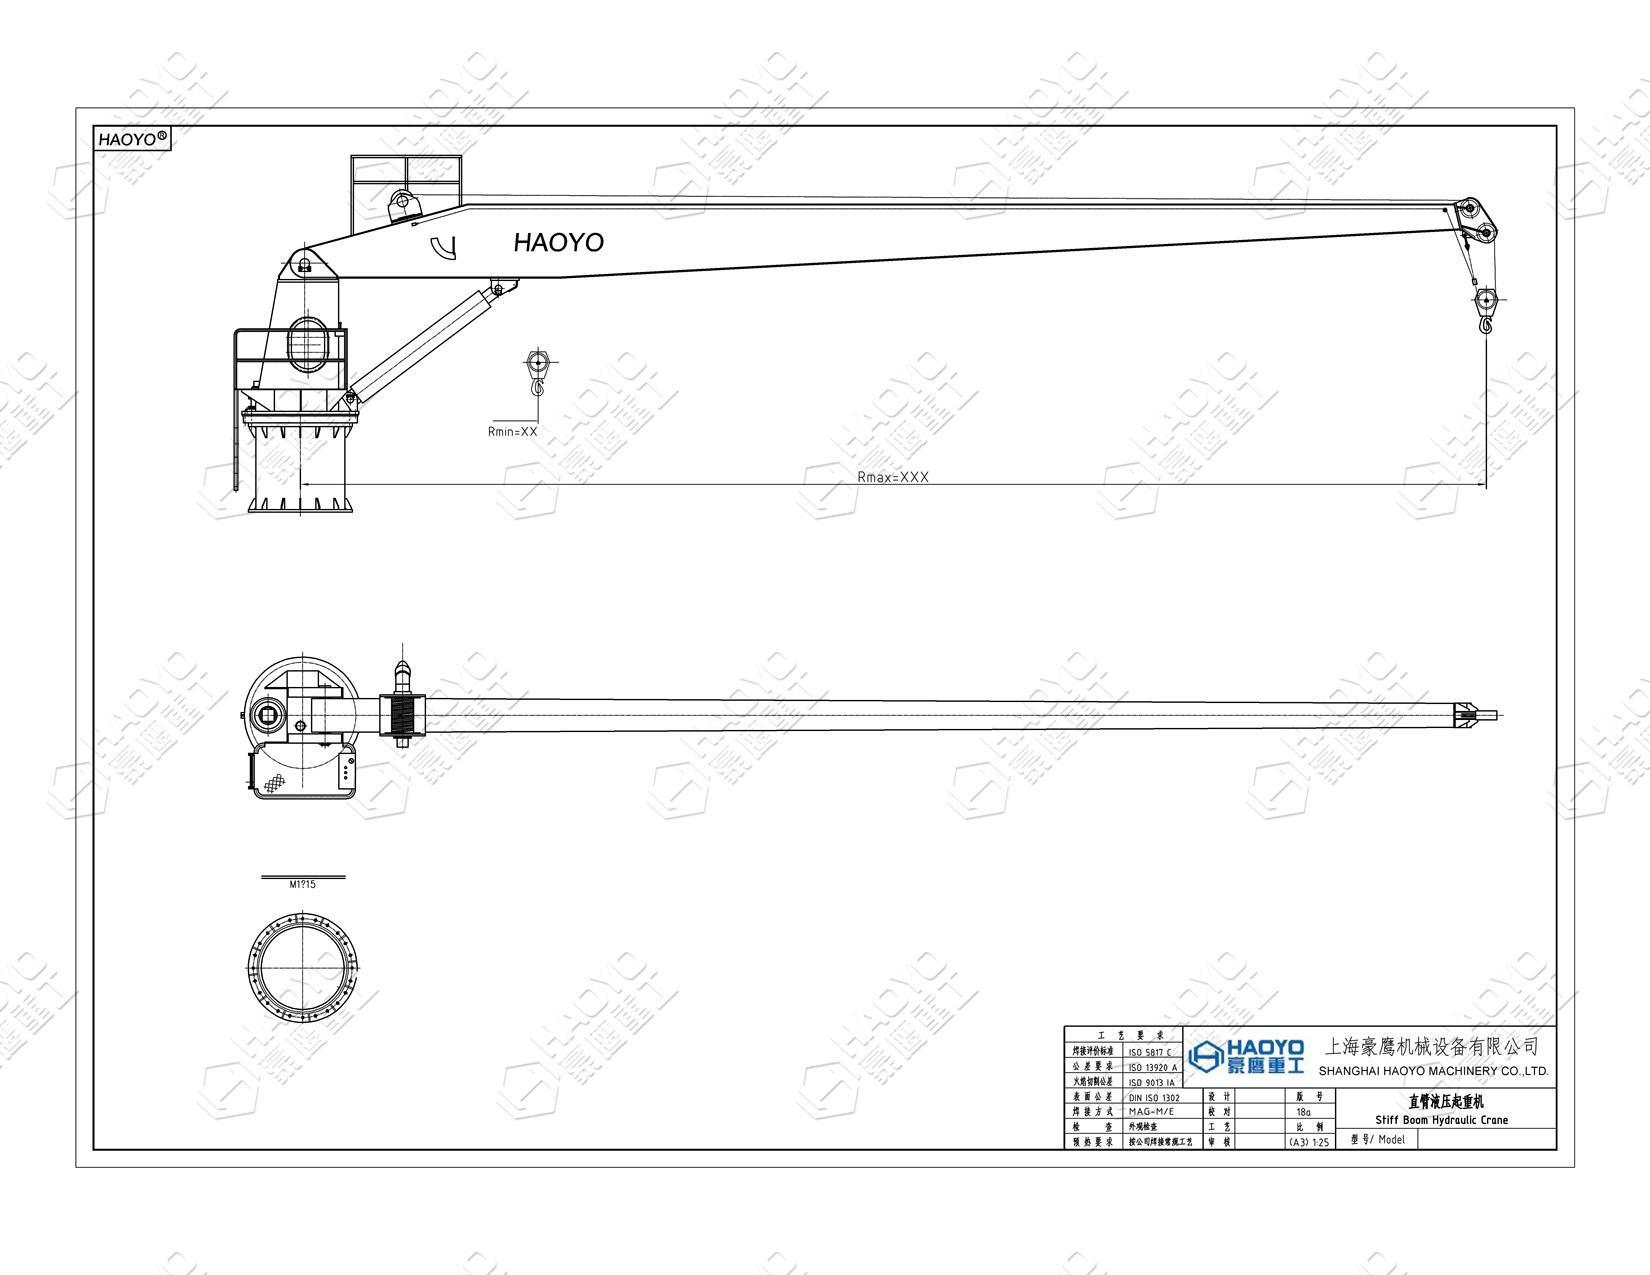 船用直臂吊机工厂价 甲板机械 6